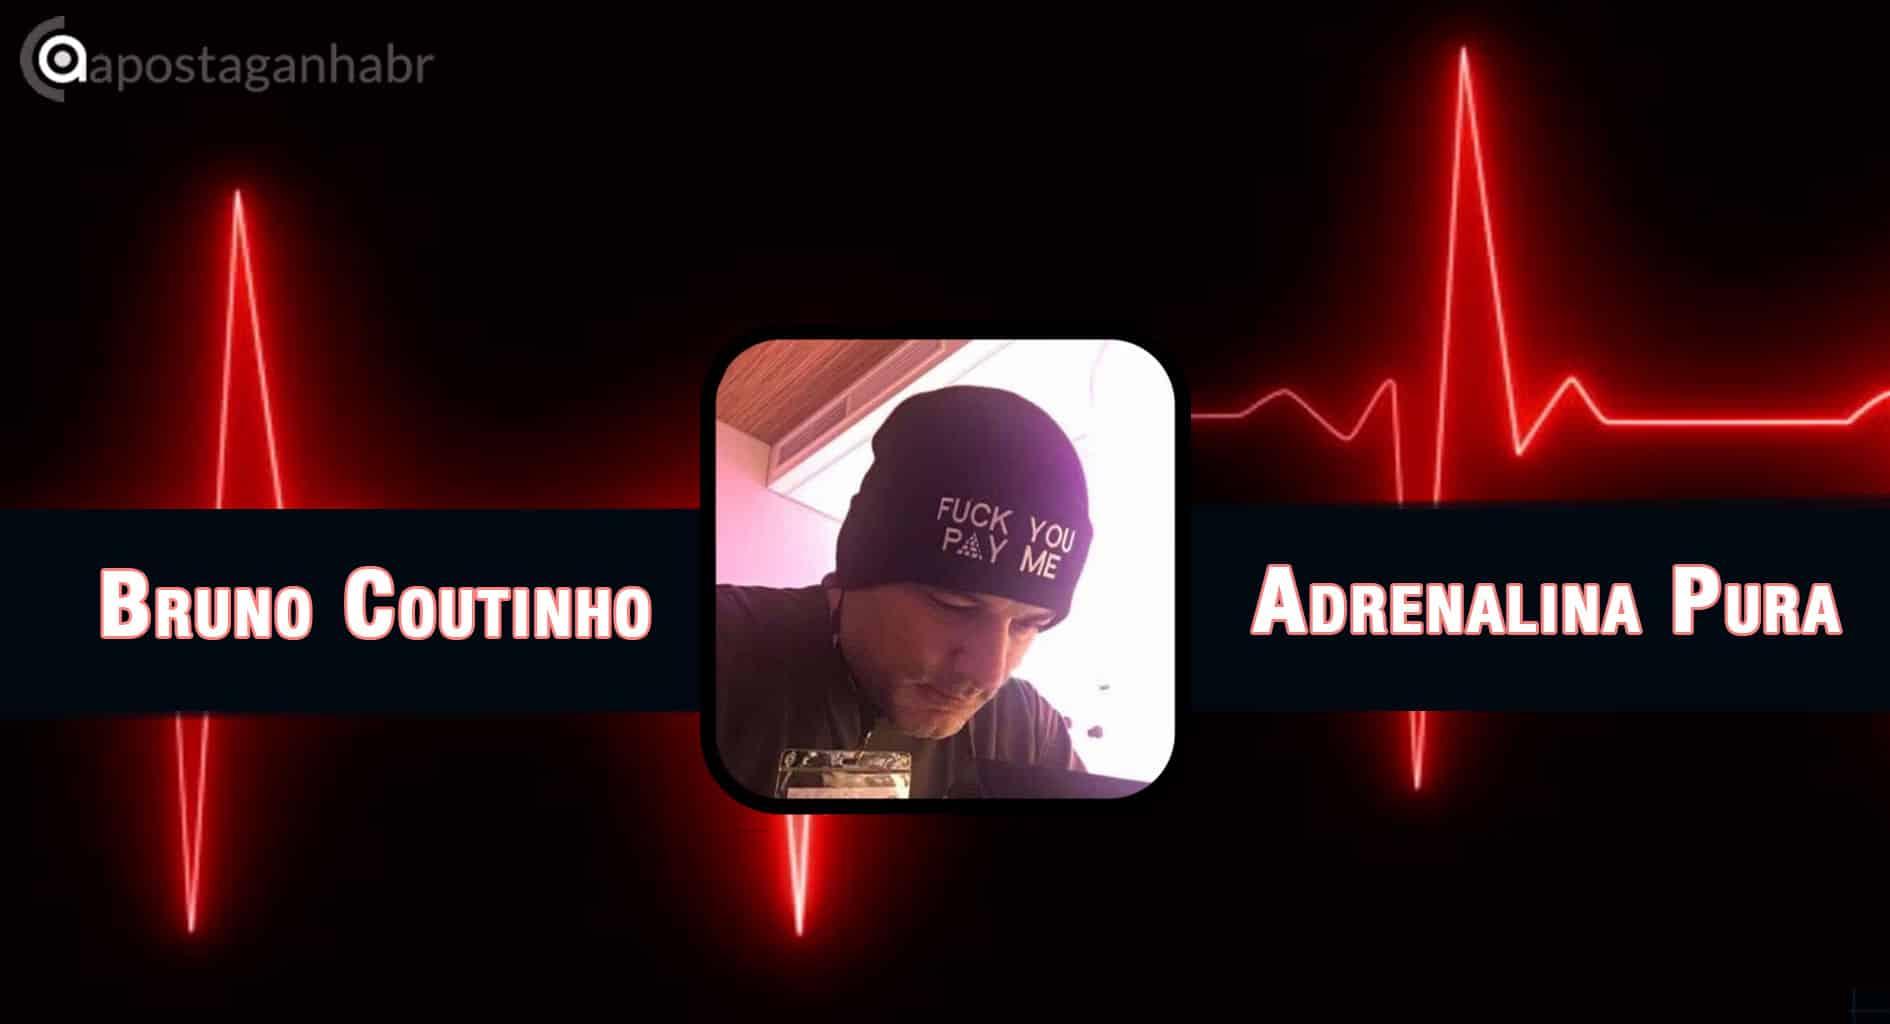 Bruno Adrenalina Pura